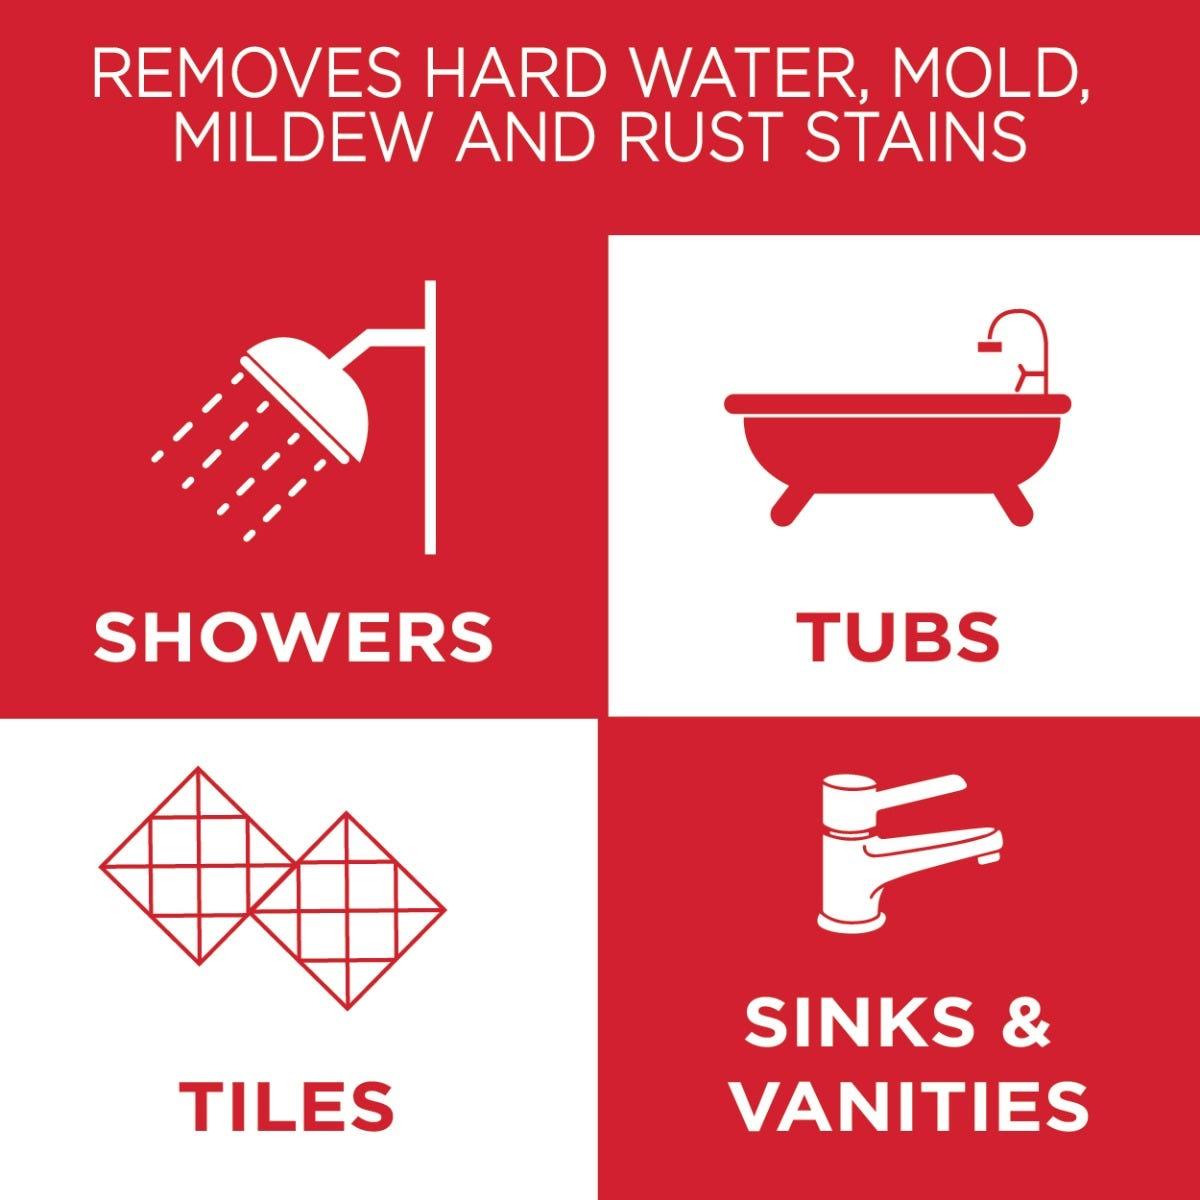 https://googone.com/media/catalog/product/s/h/shower_glass_cleaner_uses.jpg